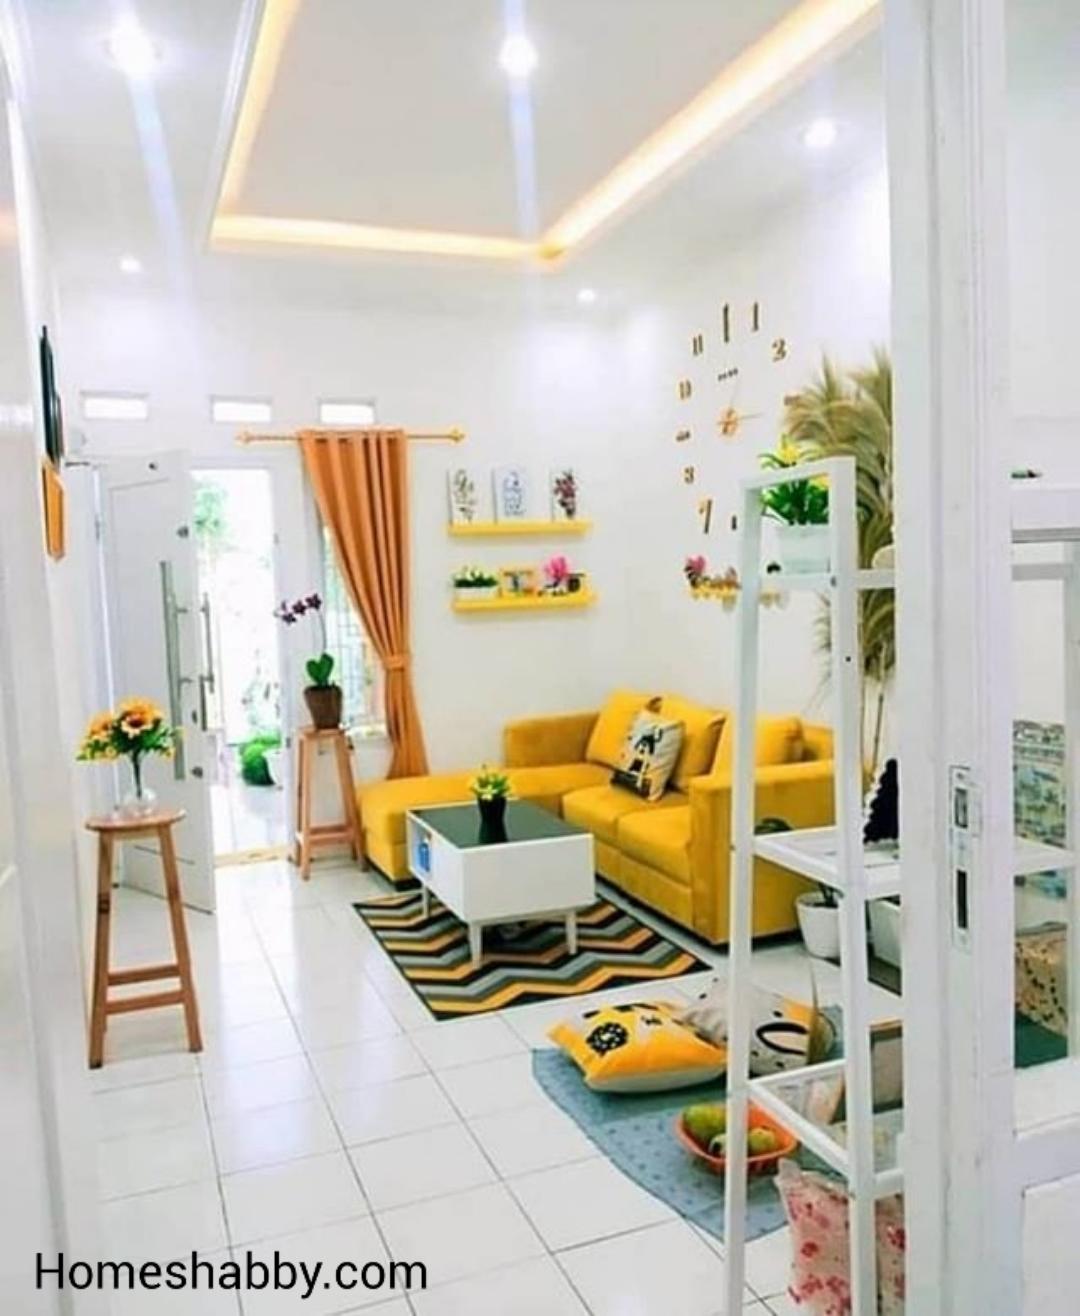 6 Model Desain Ruang Tamu Minimalis Ukuran 2 X 3 M Yang Cantik Homeshabby Com Design Home Plans Home Decorating And Interior Design Model ruang tamu minimalis